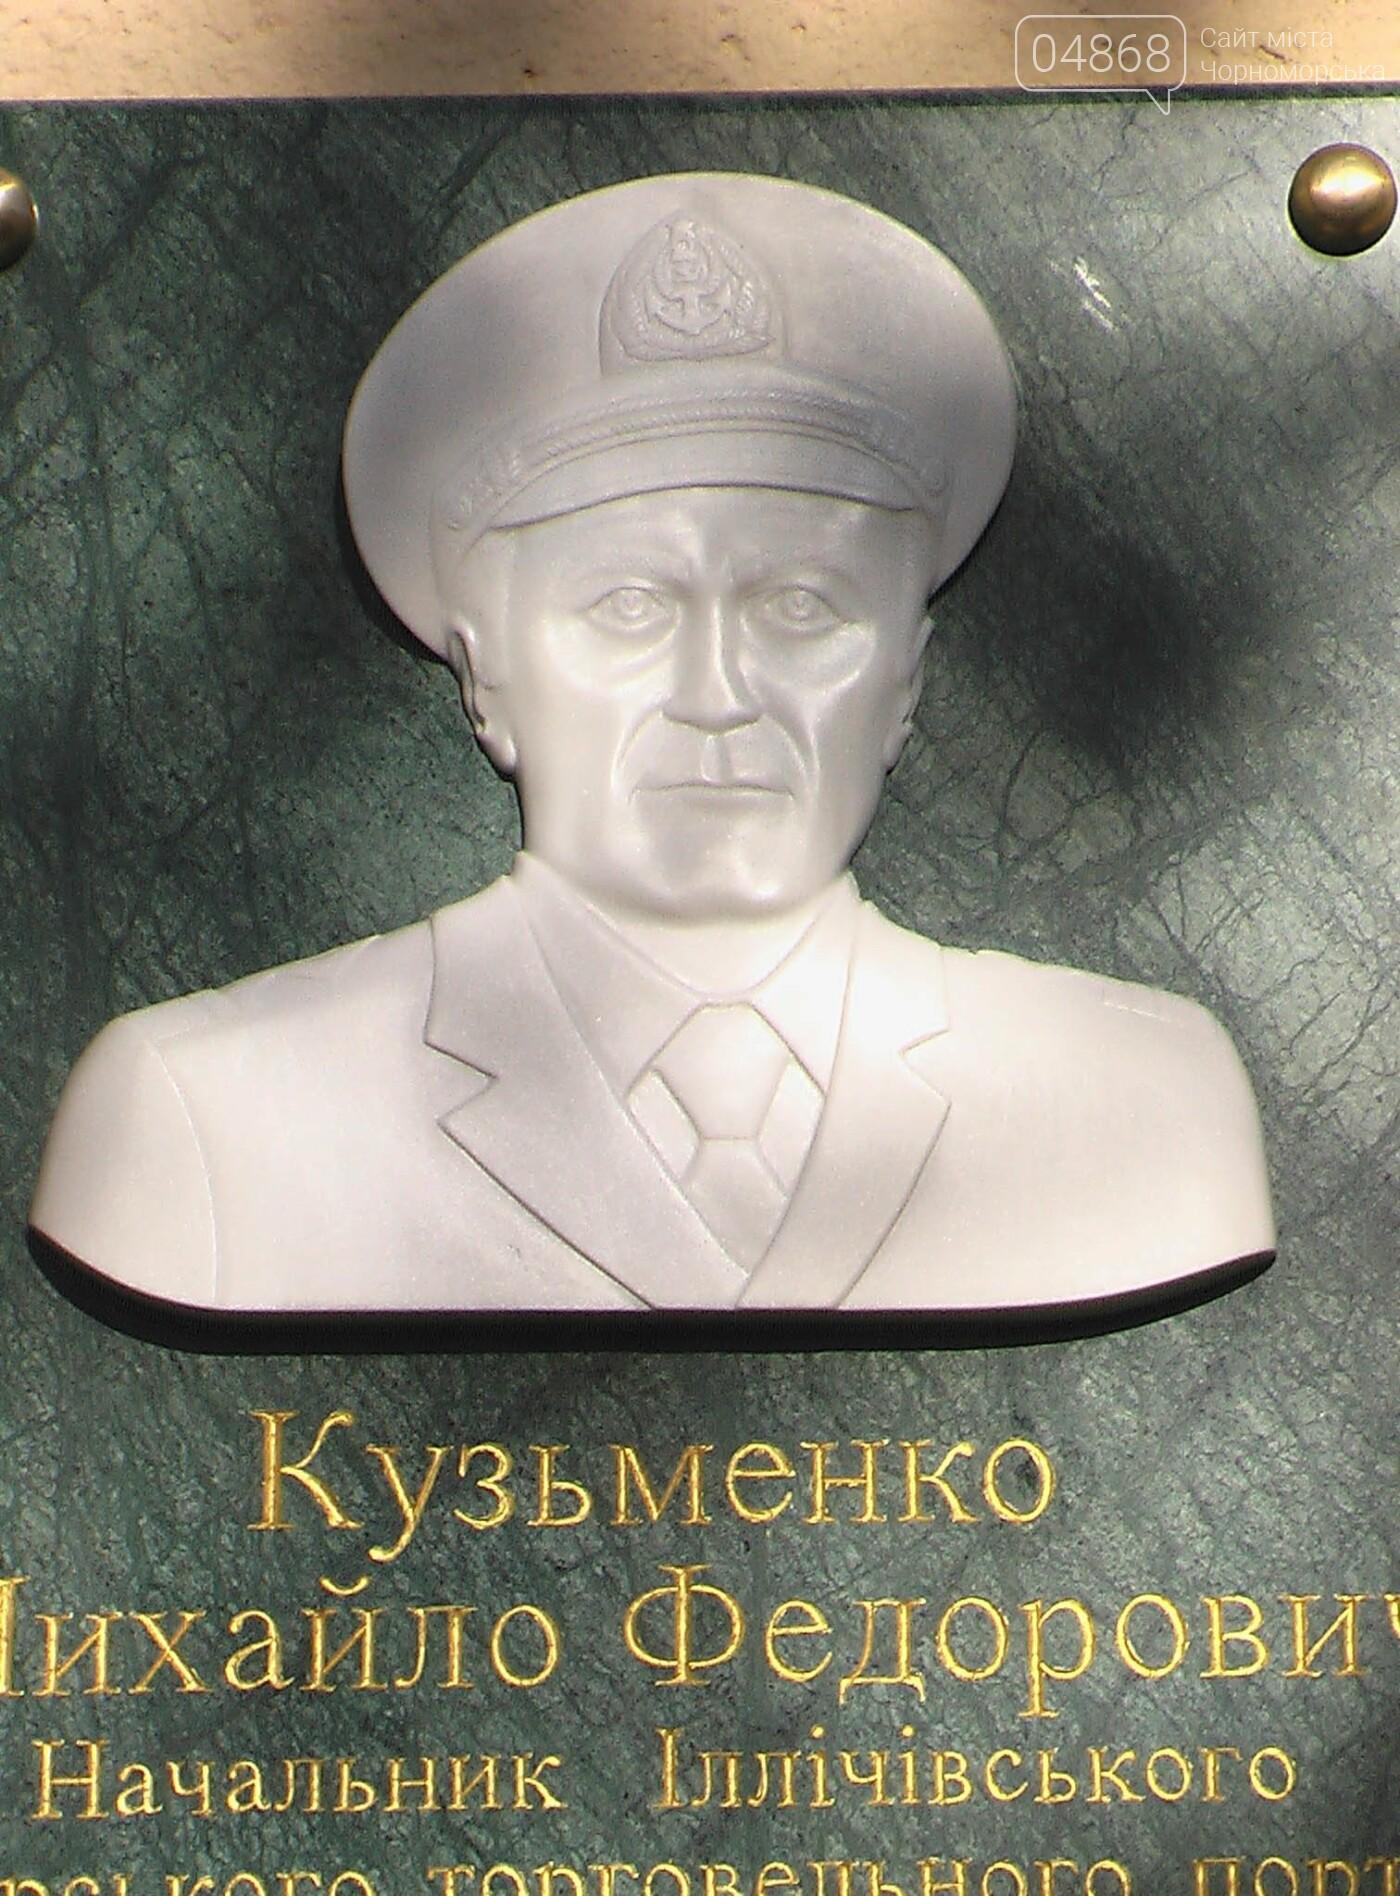 Имя героя в памяти Ильичёвского порта, фото-2